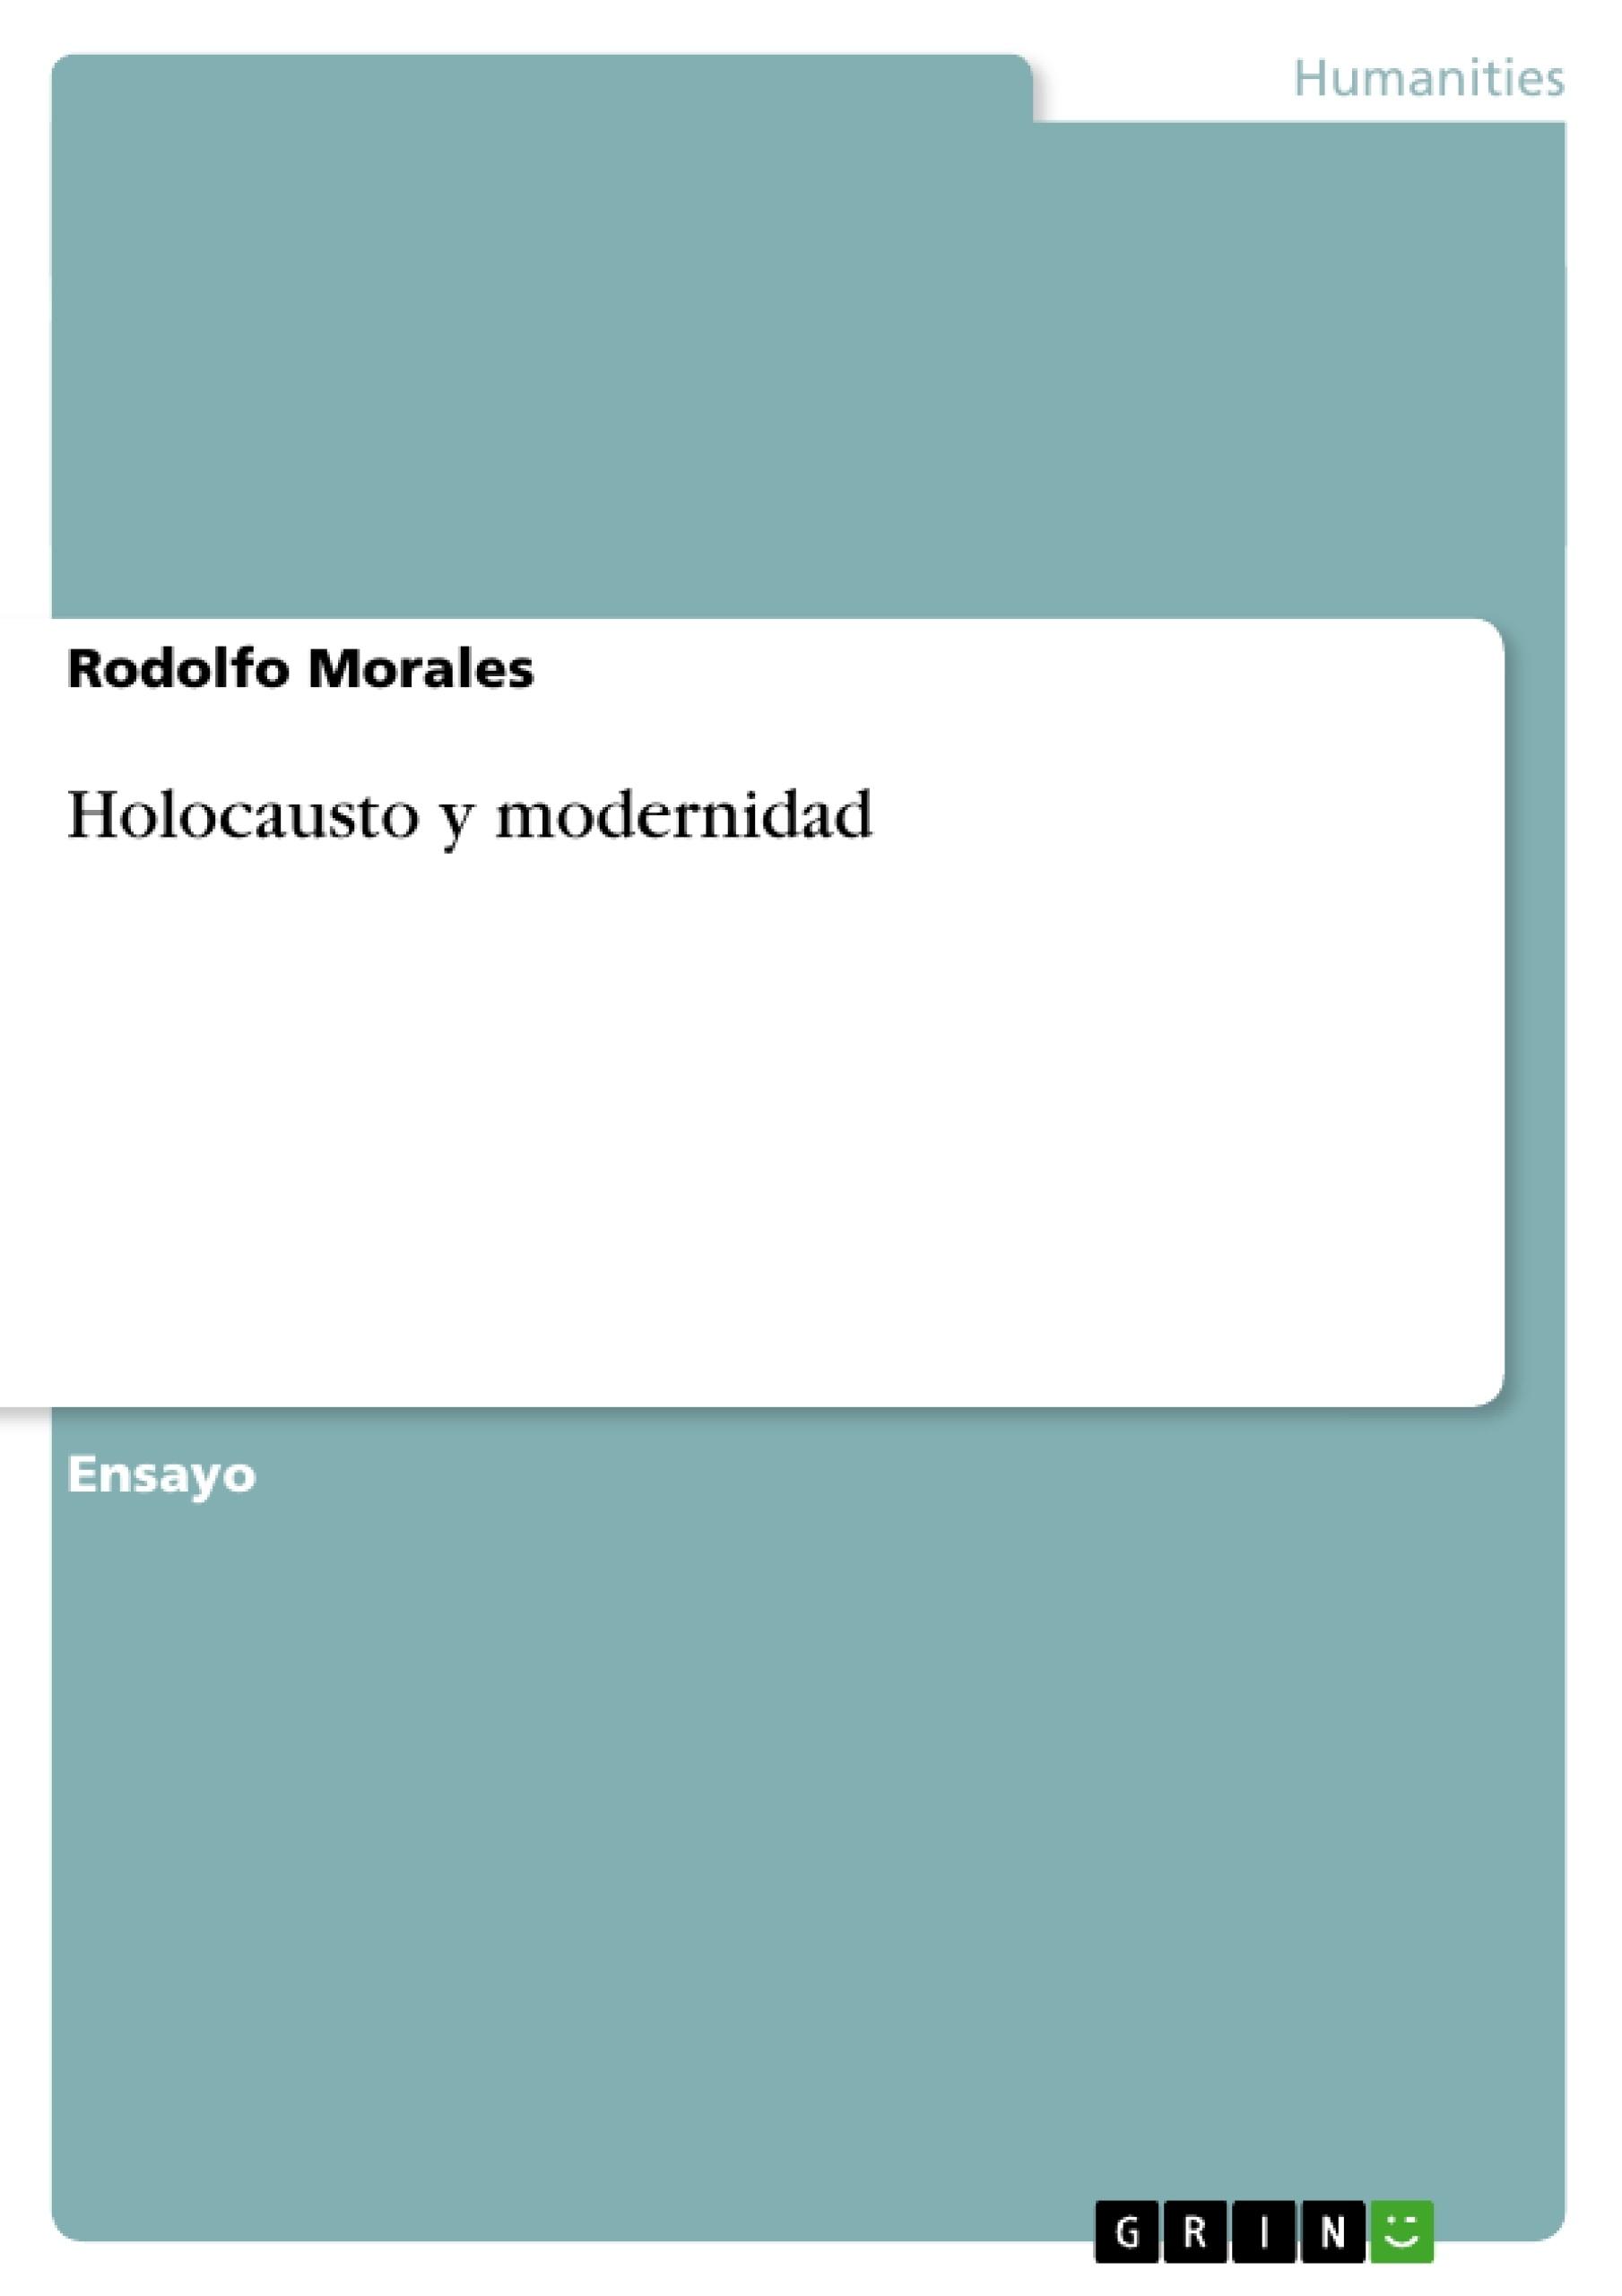 Título: Holocausto y modernidad